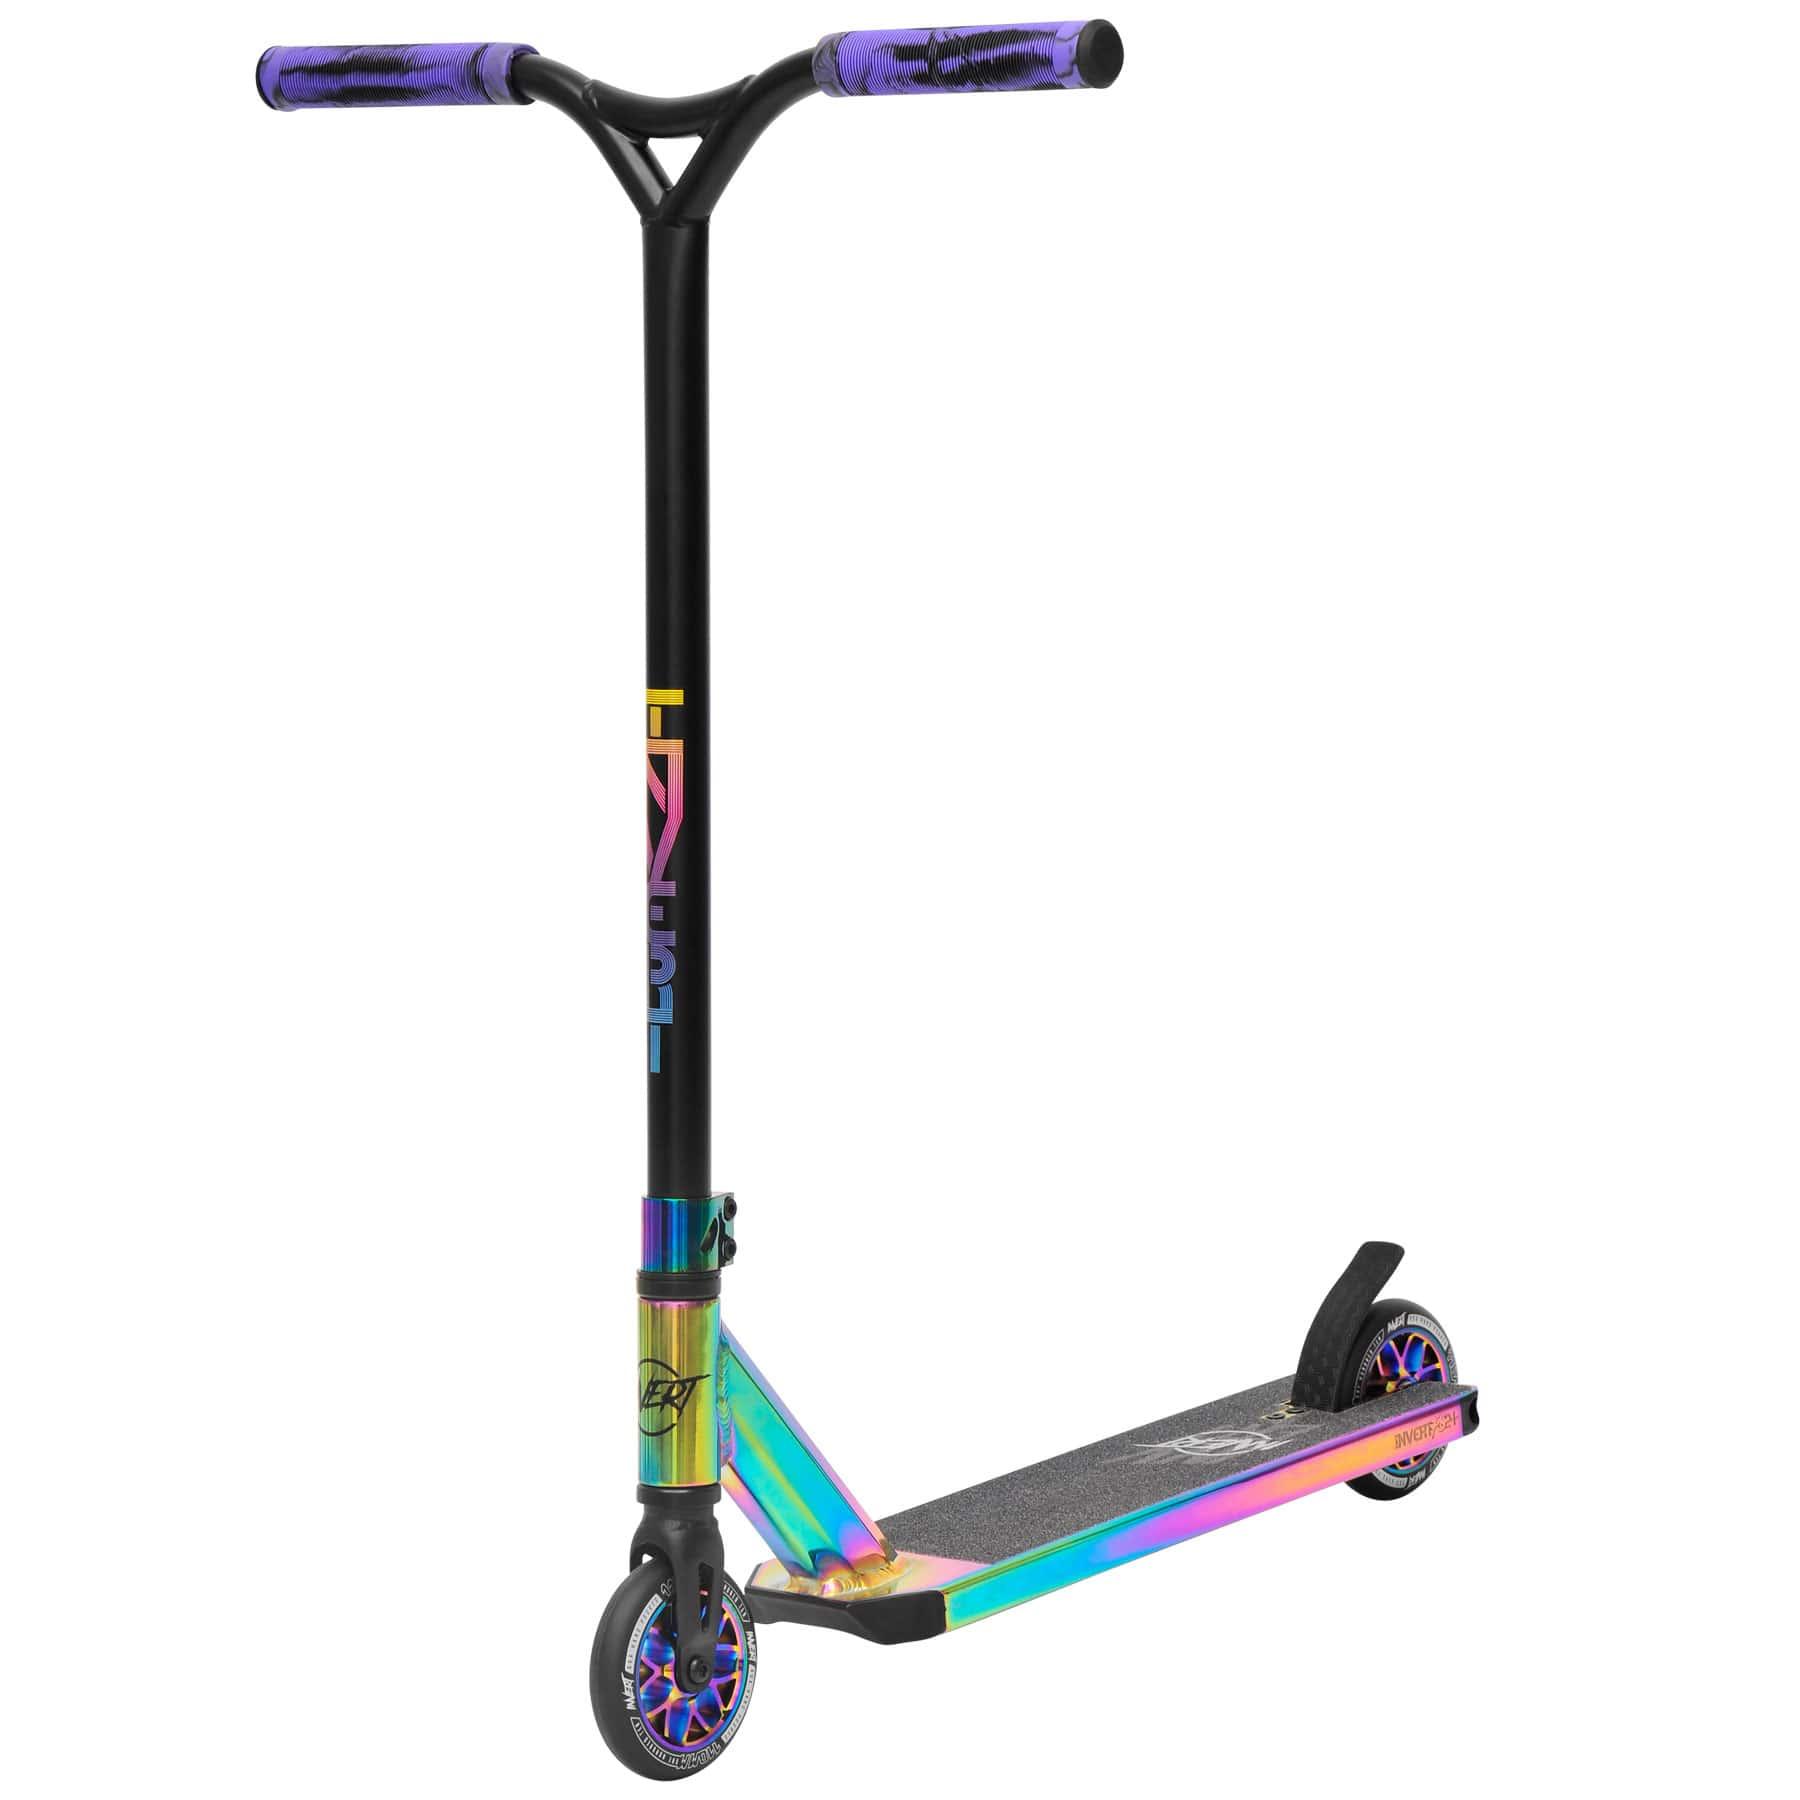 Invert FS2 Stunt Scooter - Neo Chrome.